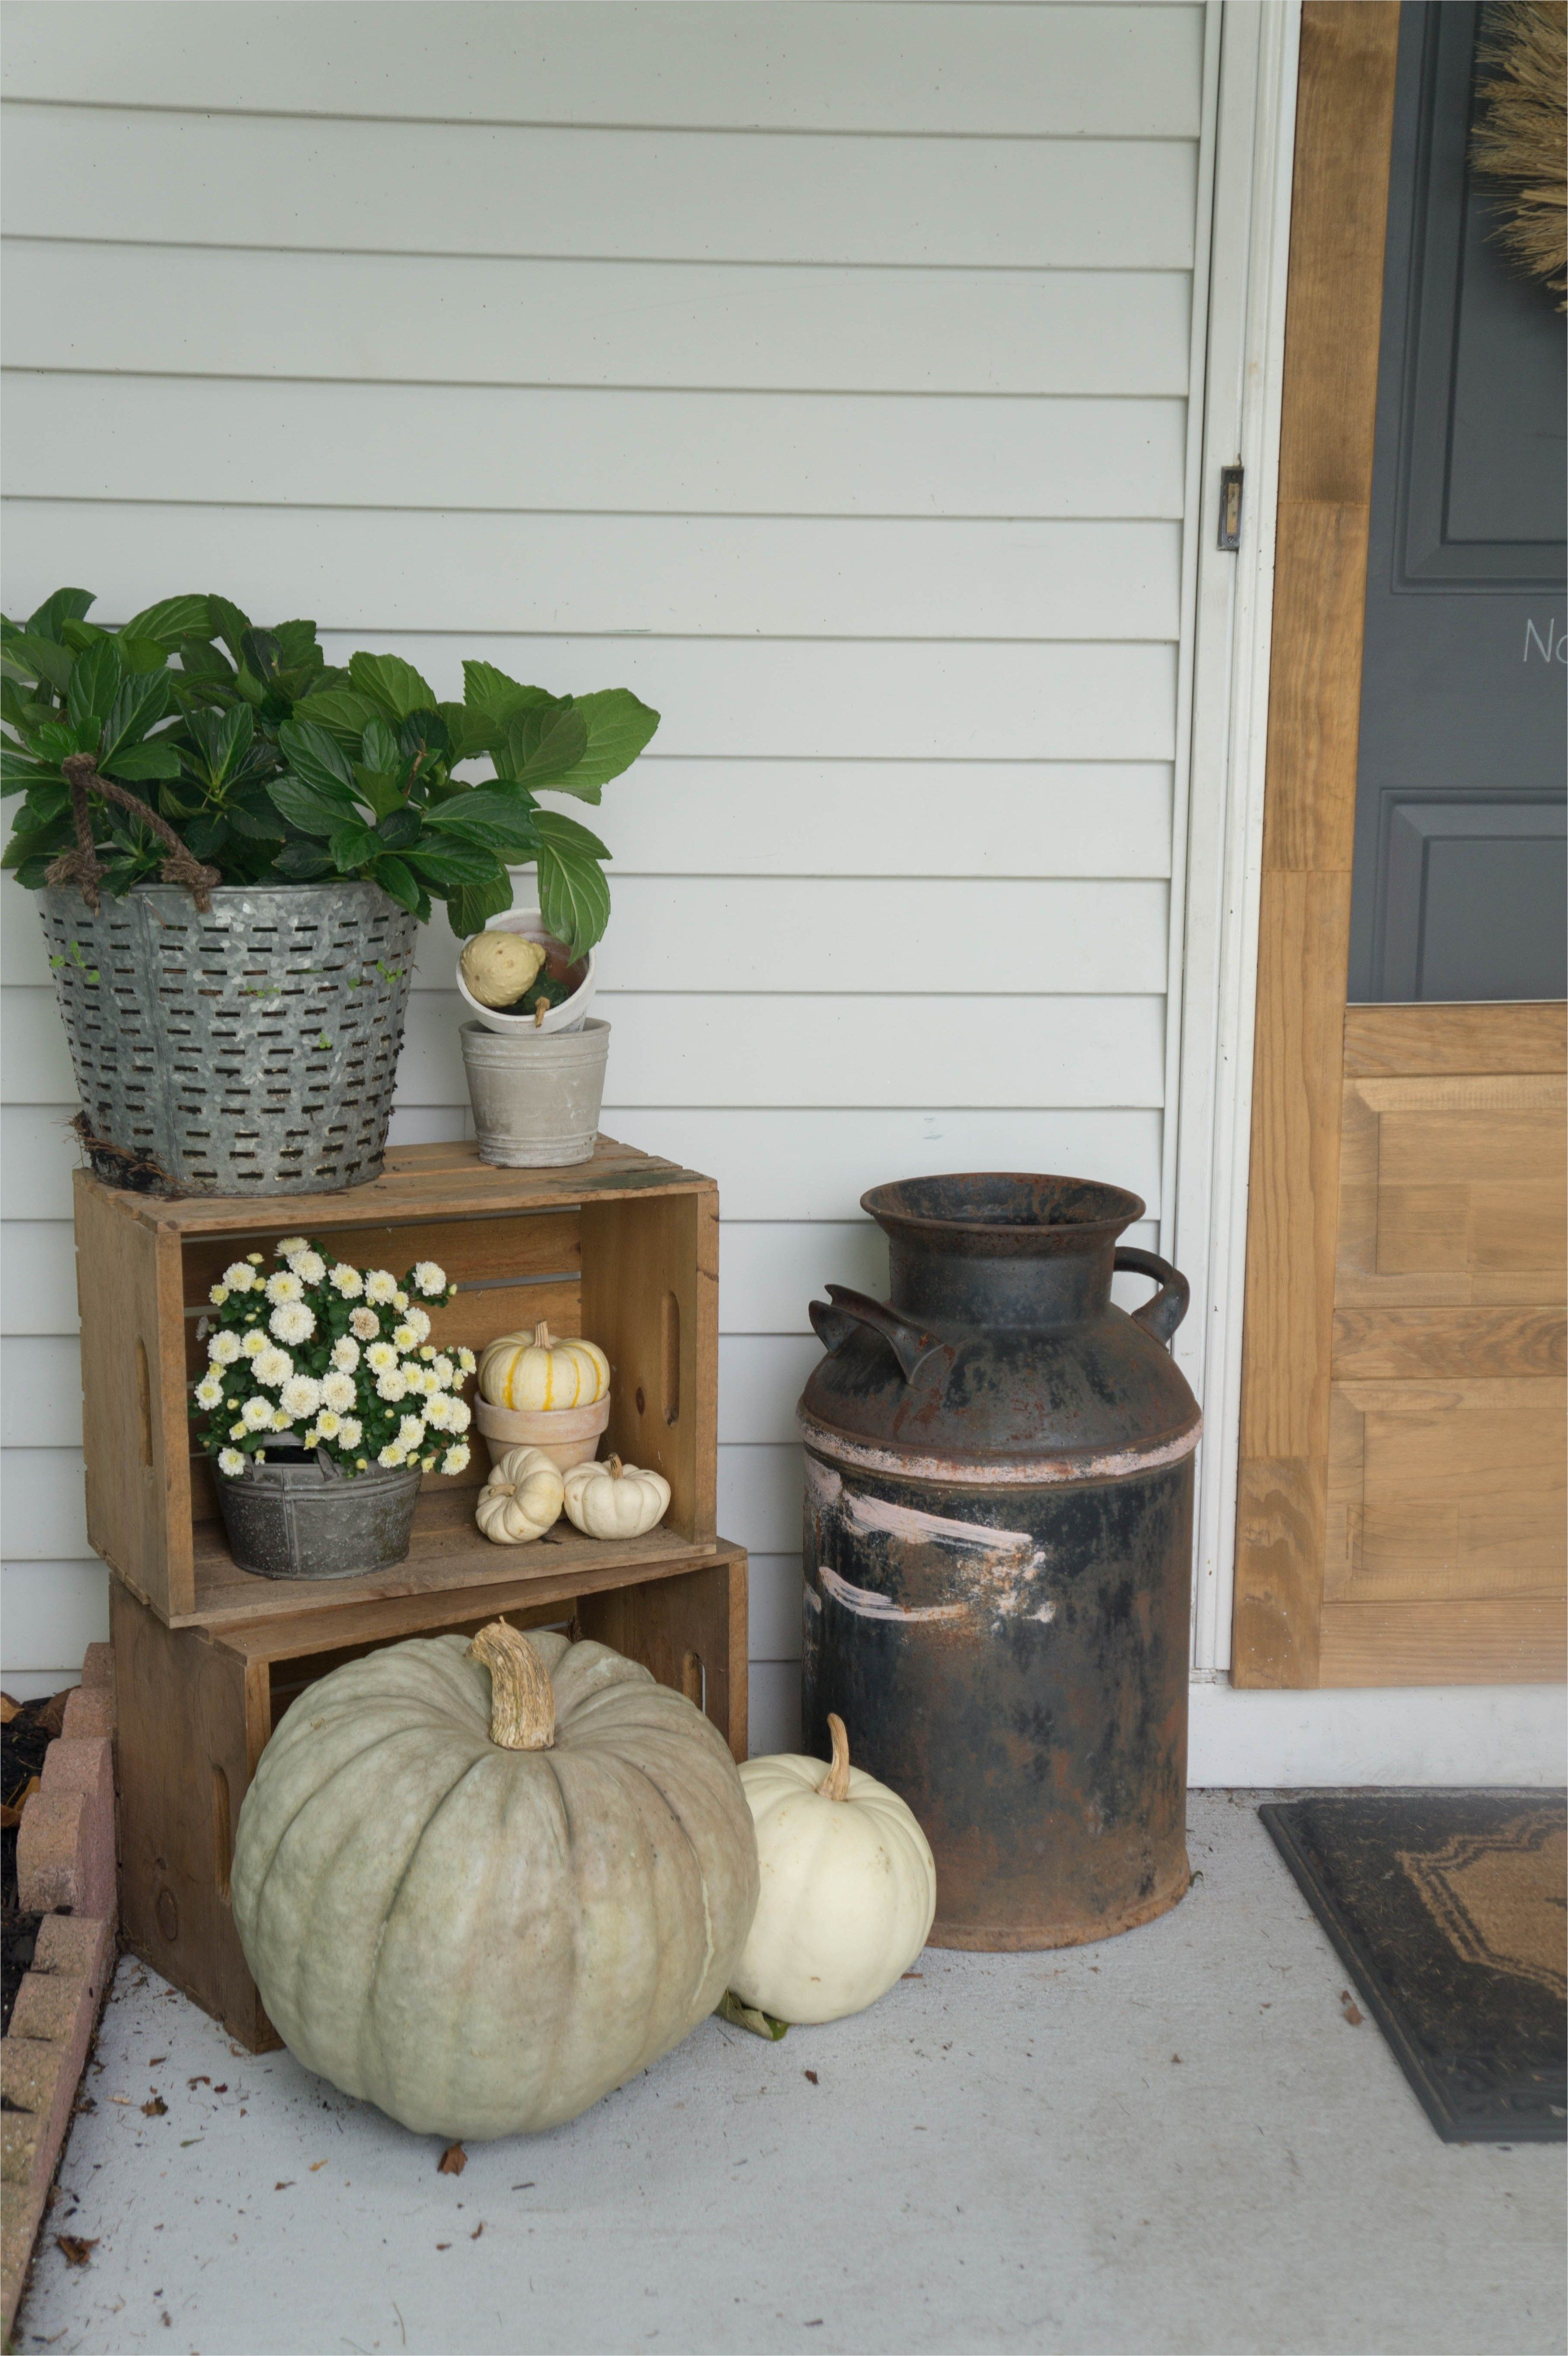 43 Gorgeous Farmhouse Porch Wall Decor Ideas Porch Wall Decor